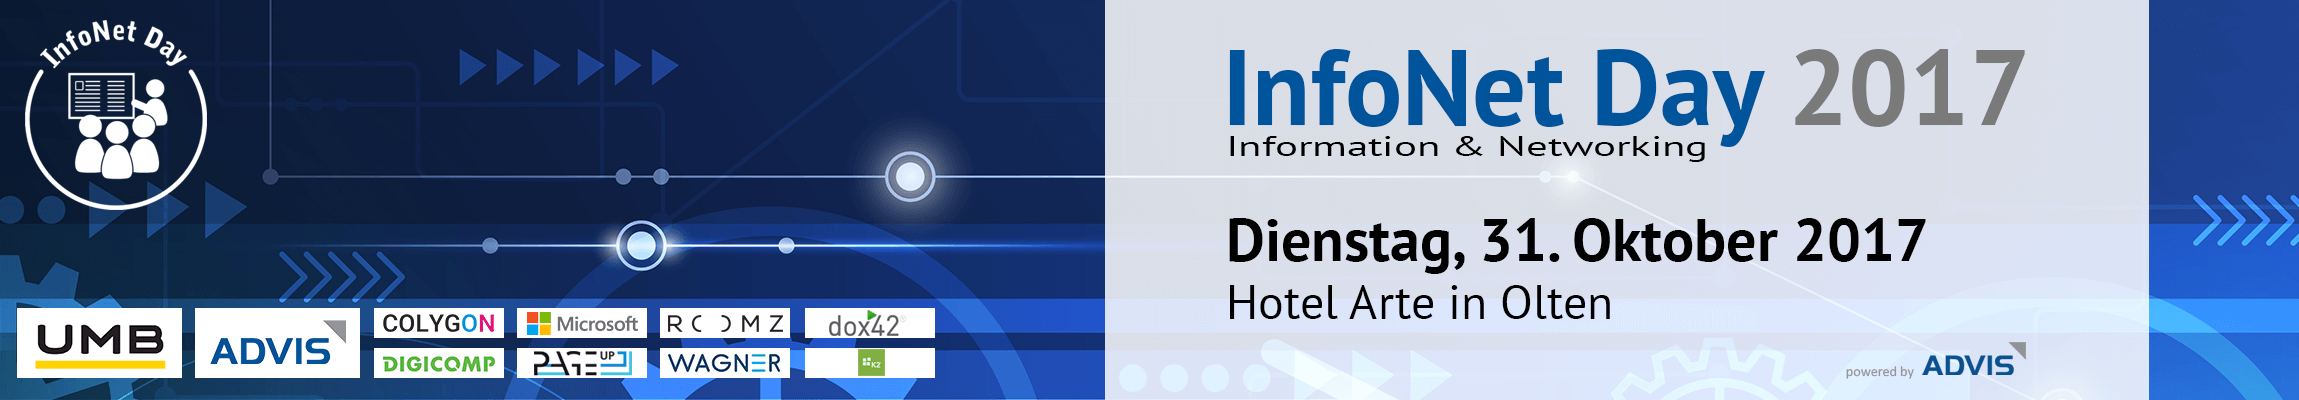 InfoNet Day Header